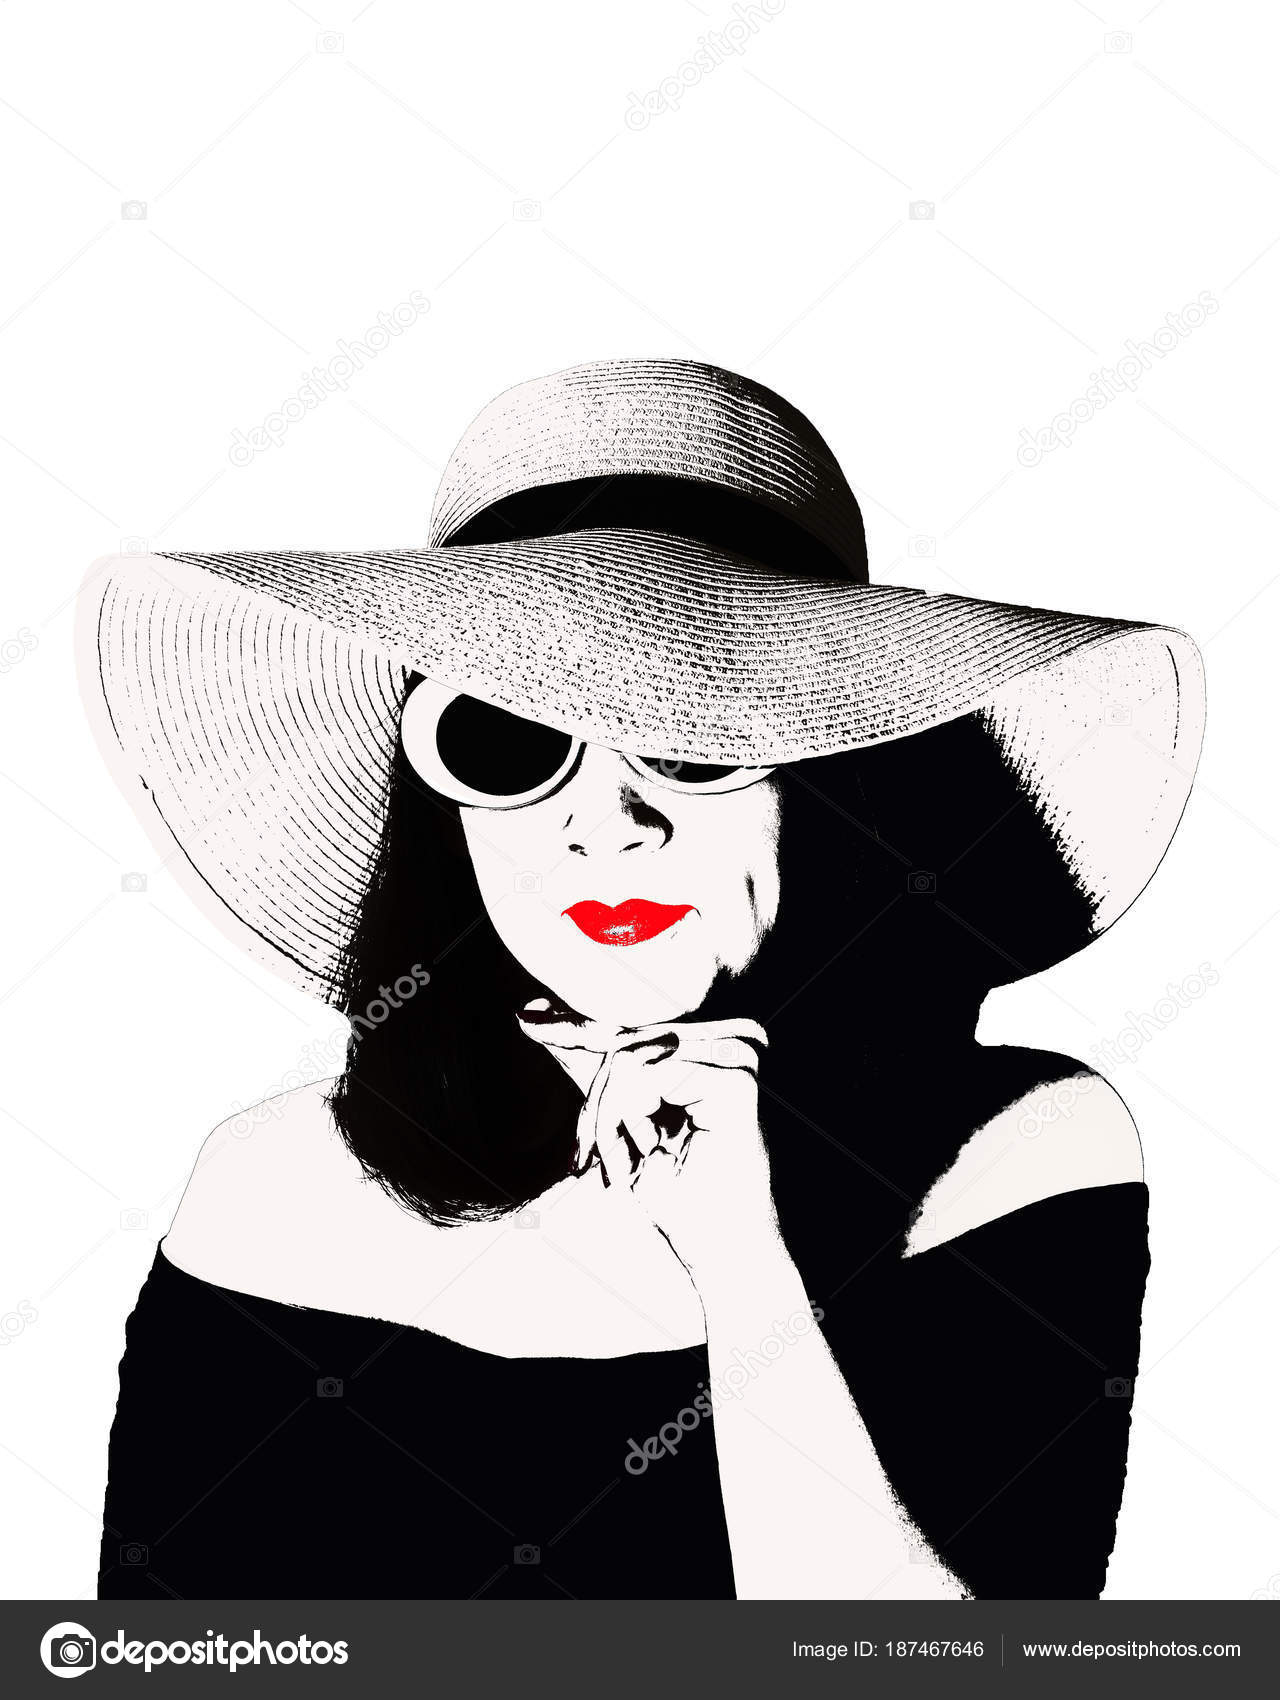 004e4be87 Foto no estilo da pop art. Jovem mulher linda em um vestido preto retrô e  um grande chapéu. Estilo de moda vintage — Foto de ...